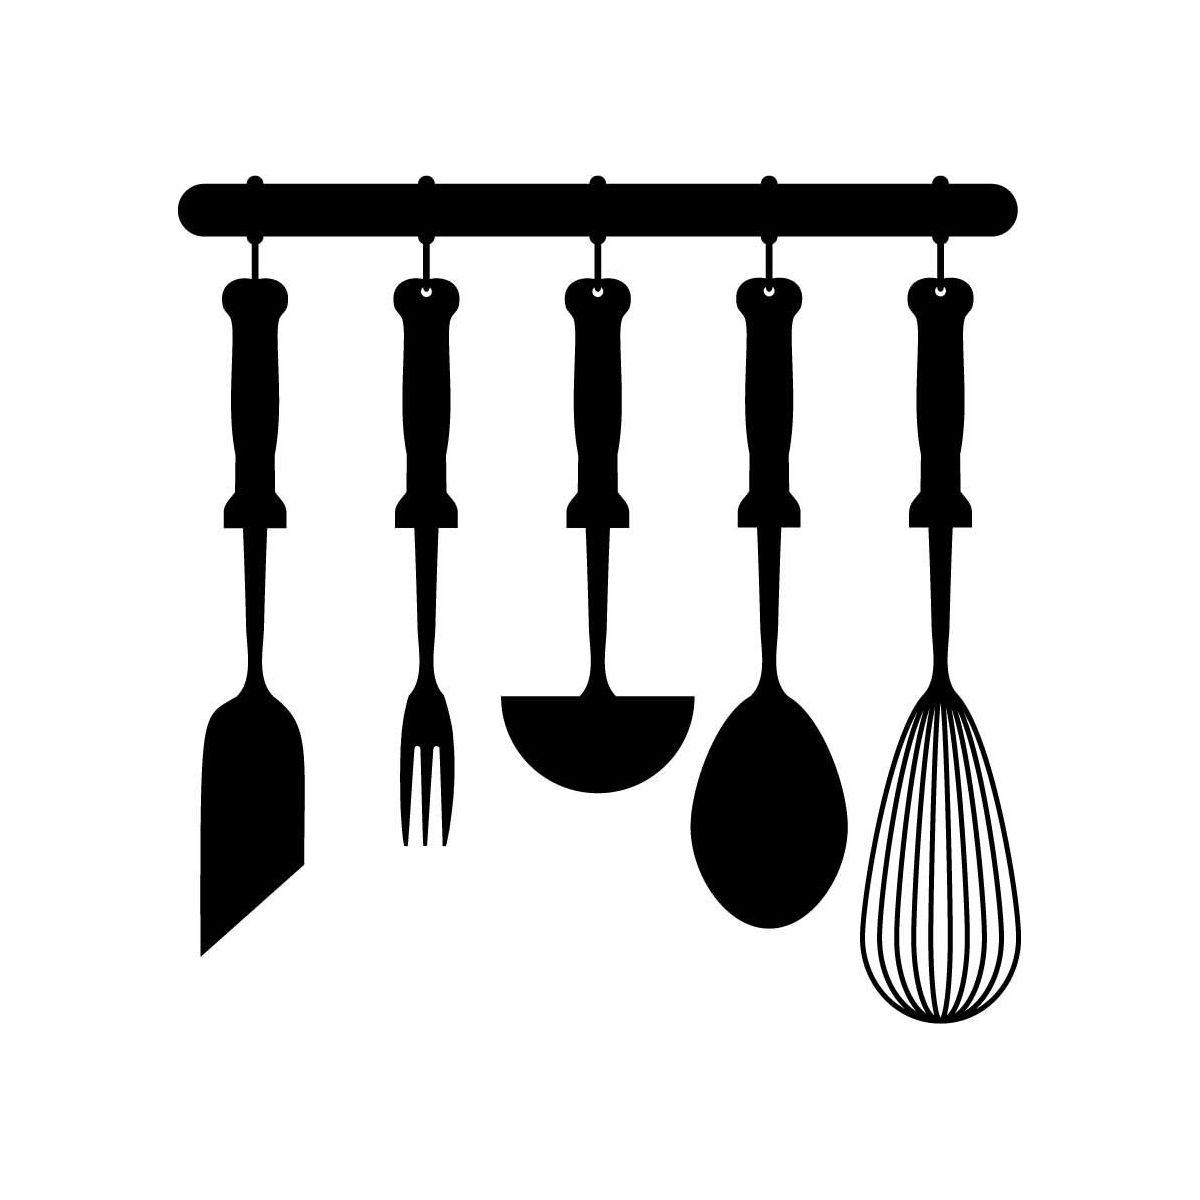 94e01c3dee03eda620c613dfcdbf3a23_a-z-kitchen-utensils-2016-kitchen ...